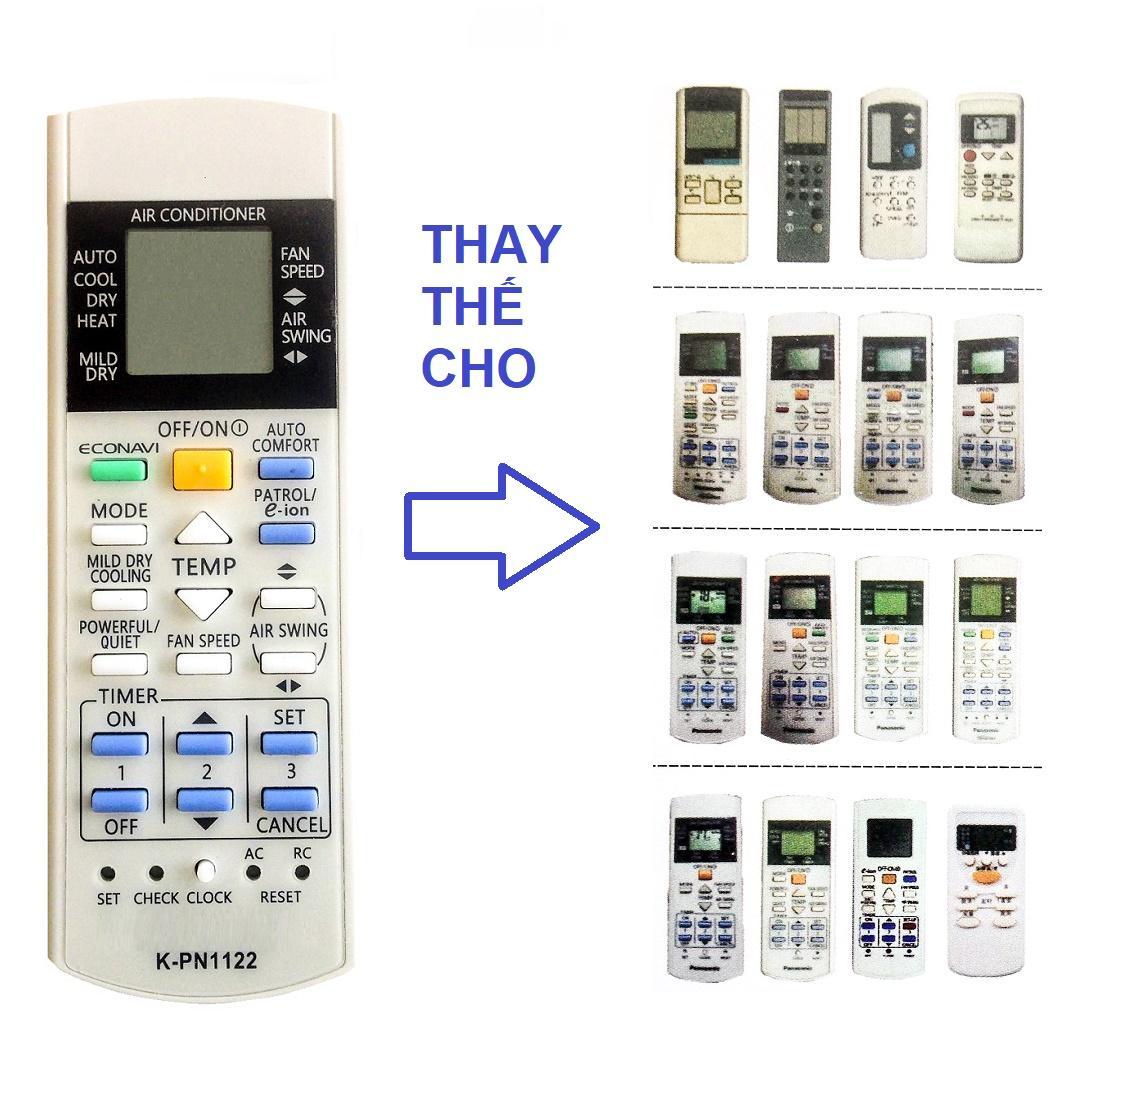 Hình ảnh Remote Đa Năng Điều Khiển Nhiều Model Máy Lạnh Panasonic Inverter, E-ion, Econavi, Ion